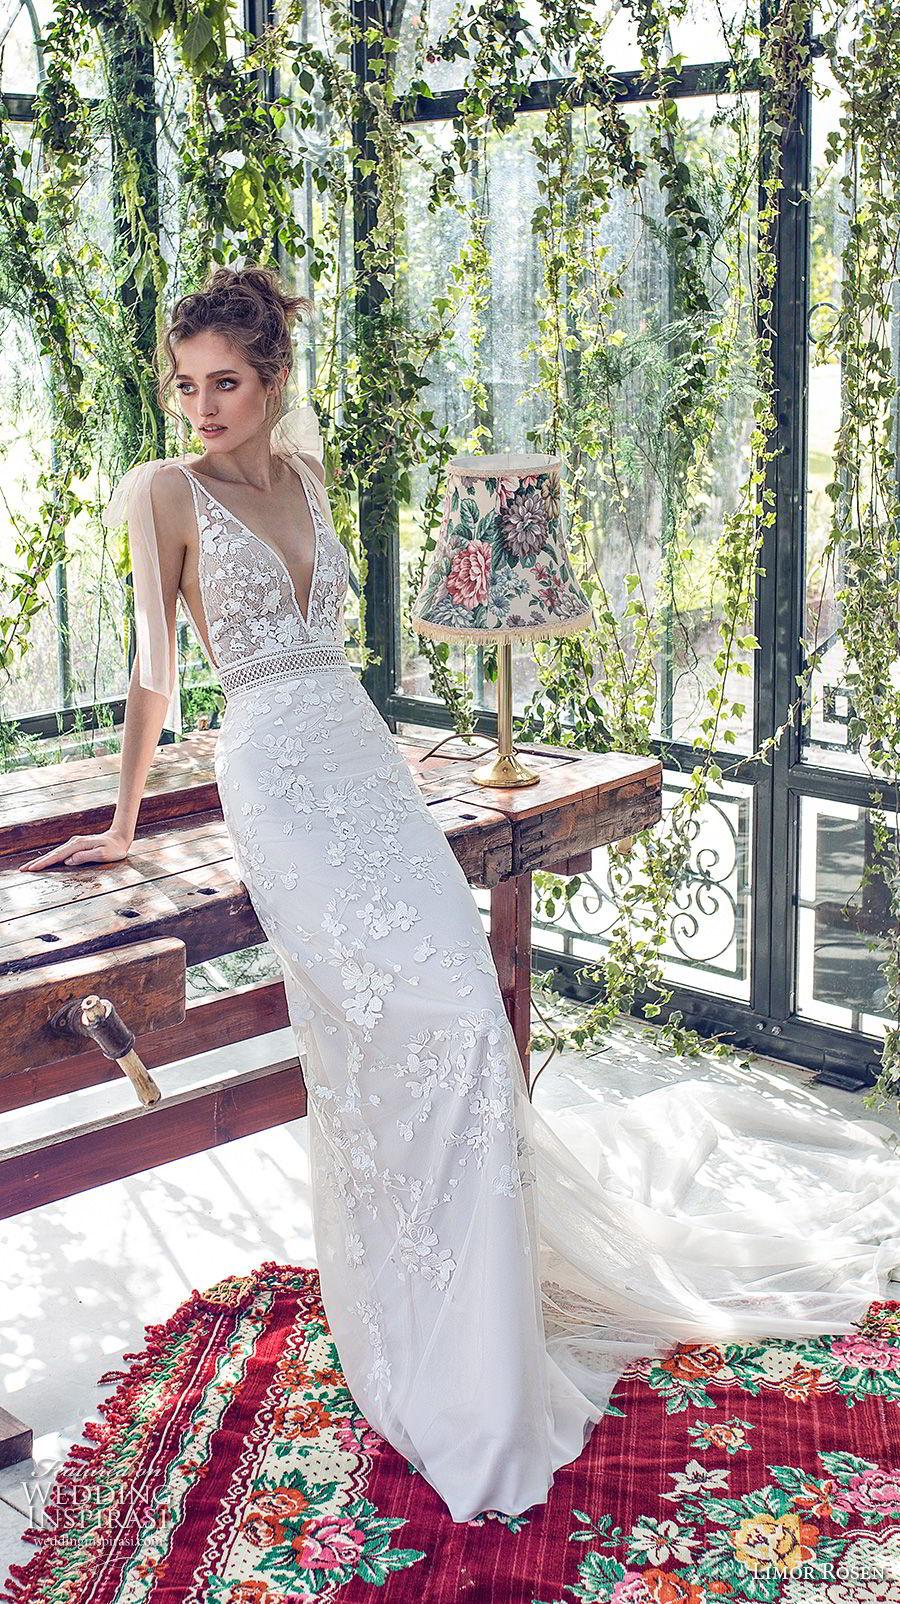 limor rosen 2019 xo bridal sleeveless deep v neck full embellishment romantic fit and flare wedding dress open back chapel train (9) mv